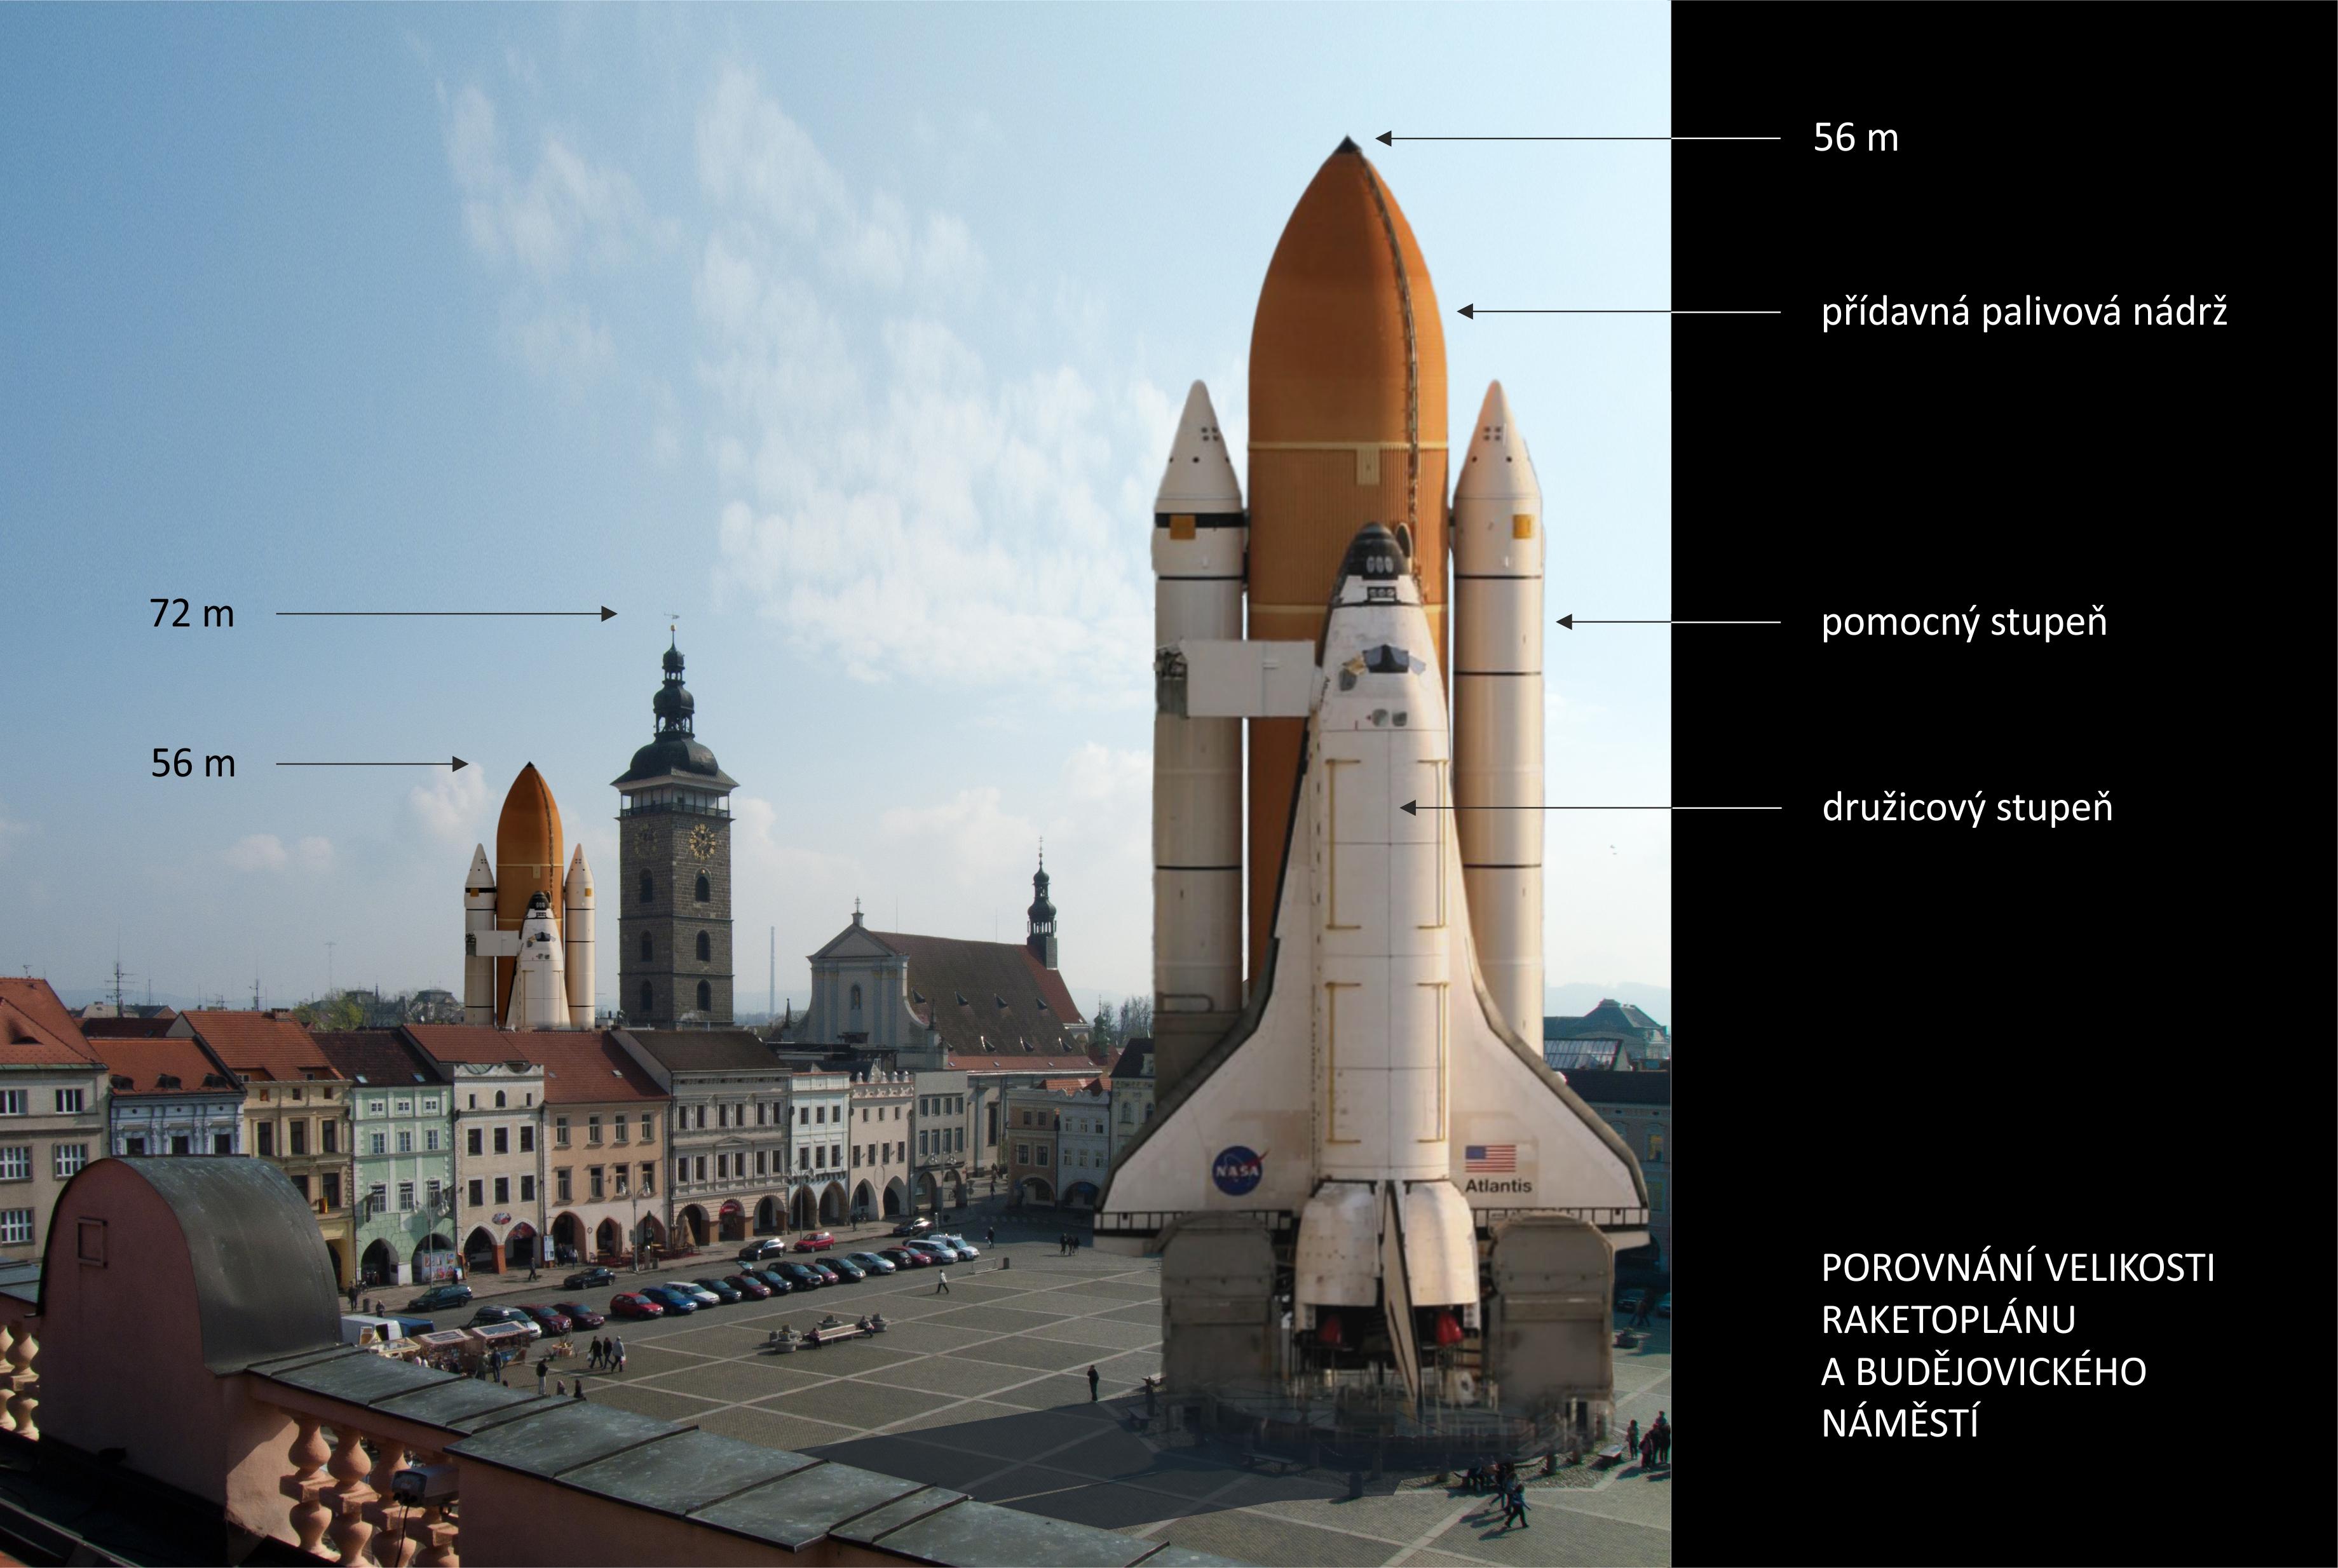 popis raketoplan